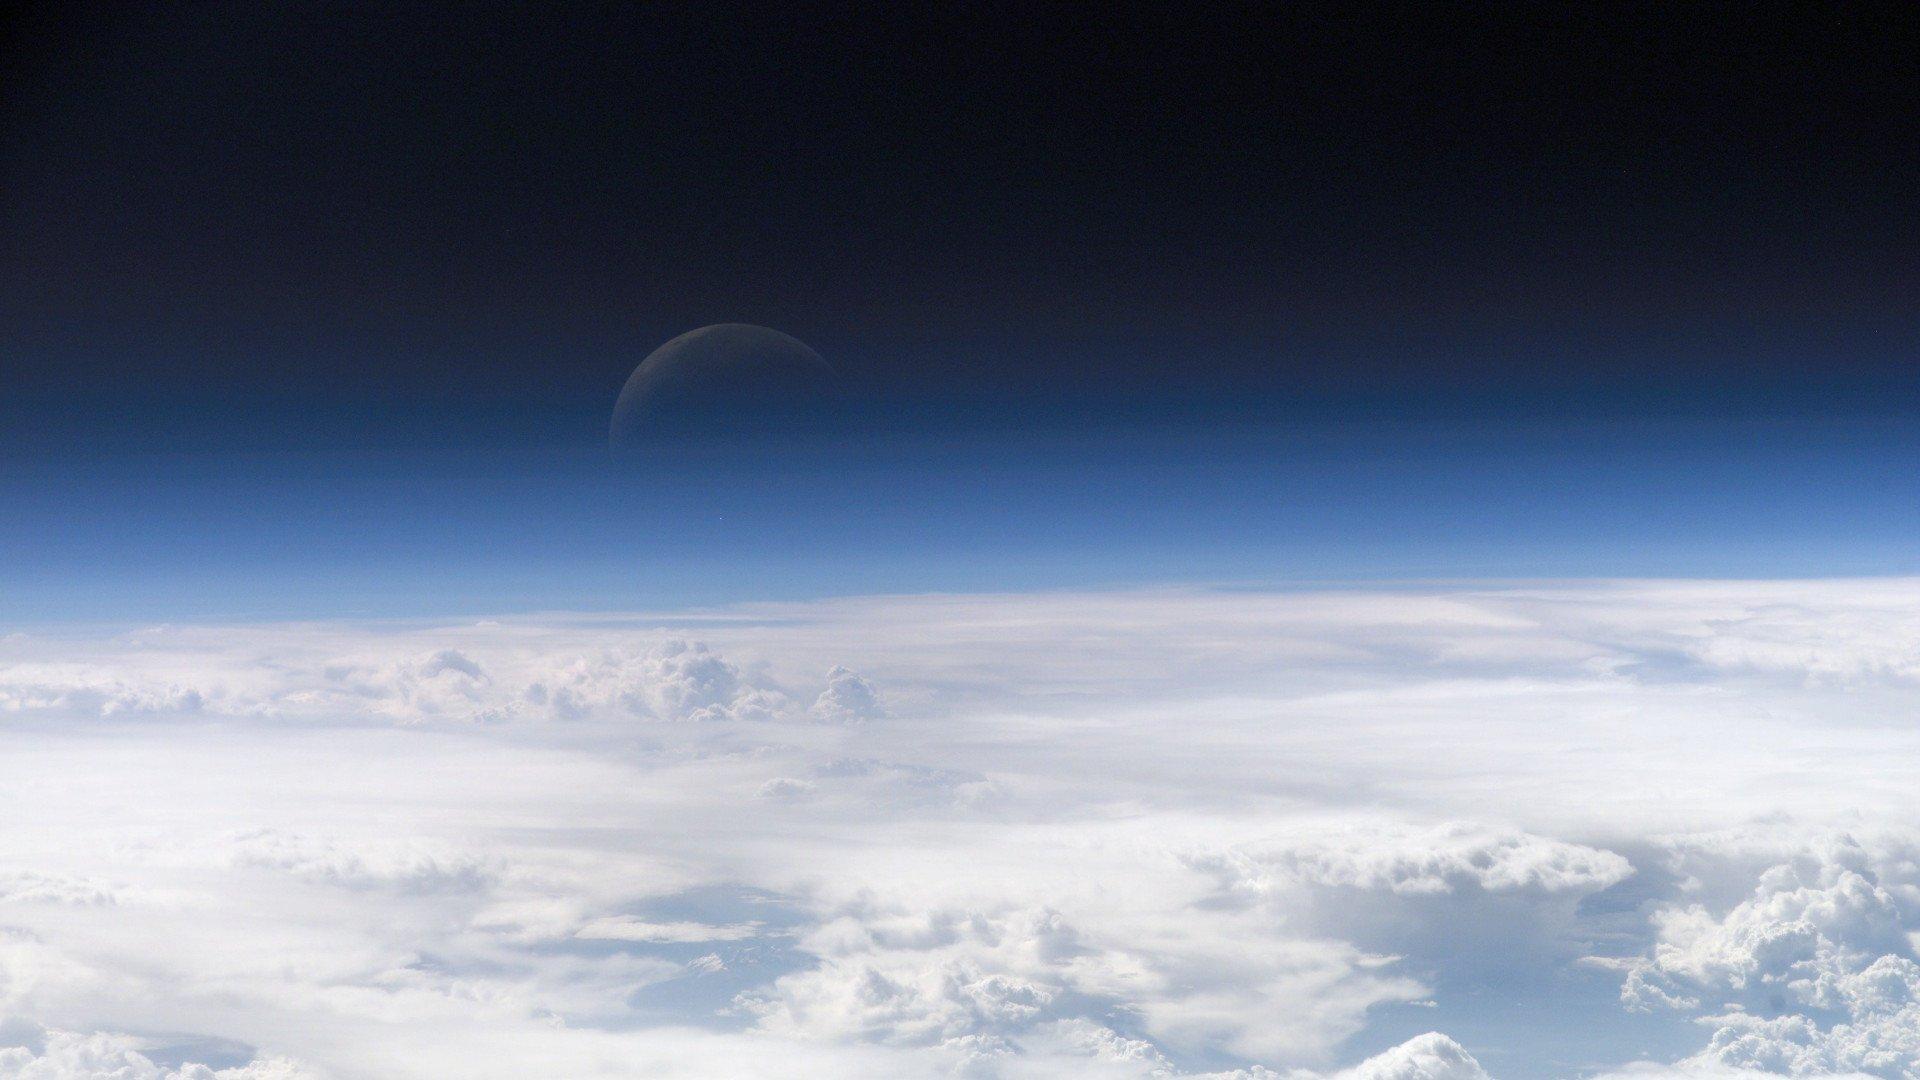 ziemska atmosfera